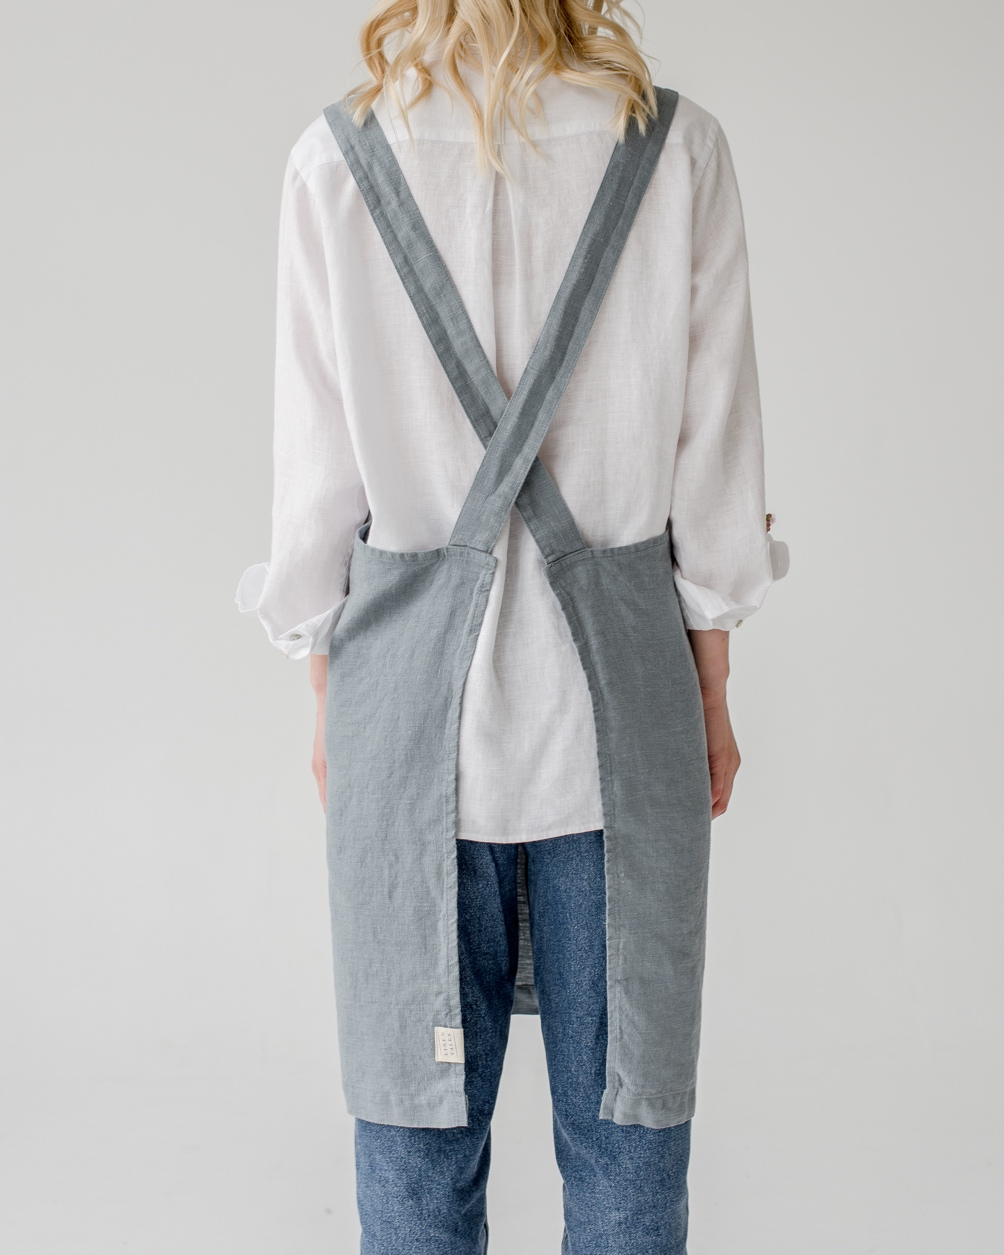 Förkläde baksida blå dimma linne Linen Tales